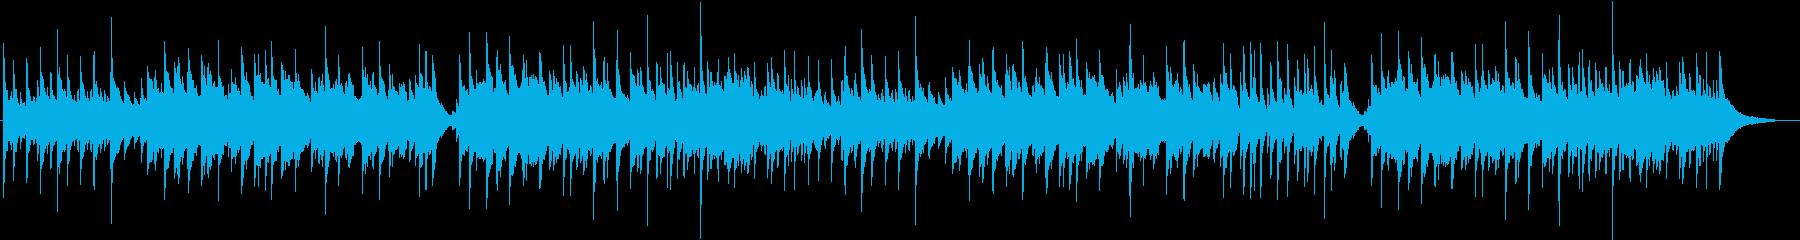 明るい、エネルギッシュな曲調のピアノソロの再生済みの波形